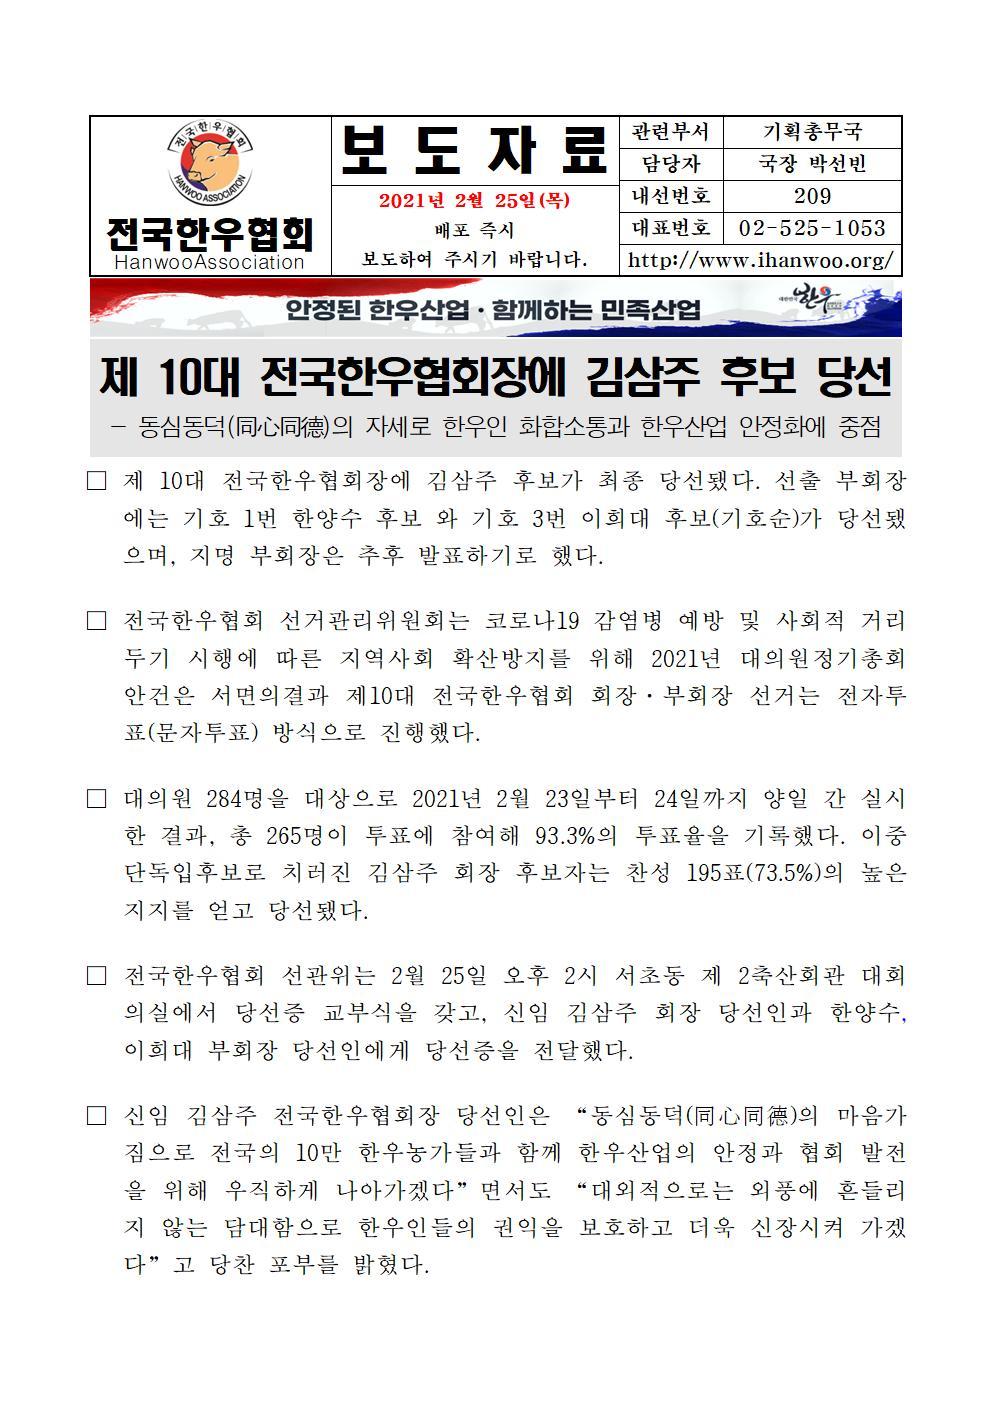 210224 (보도자료) 제 10대 전국한우협회장에 김삼주 후보 당선001.jpg